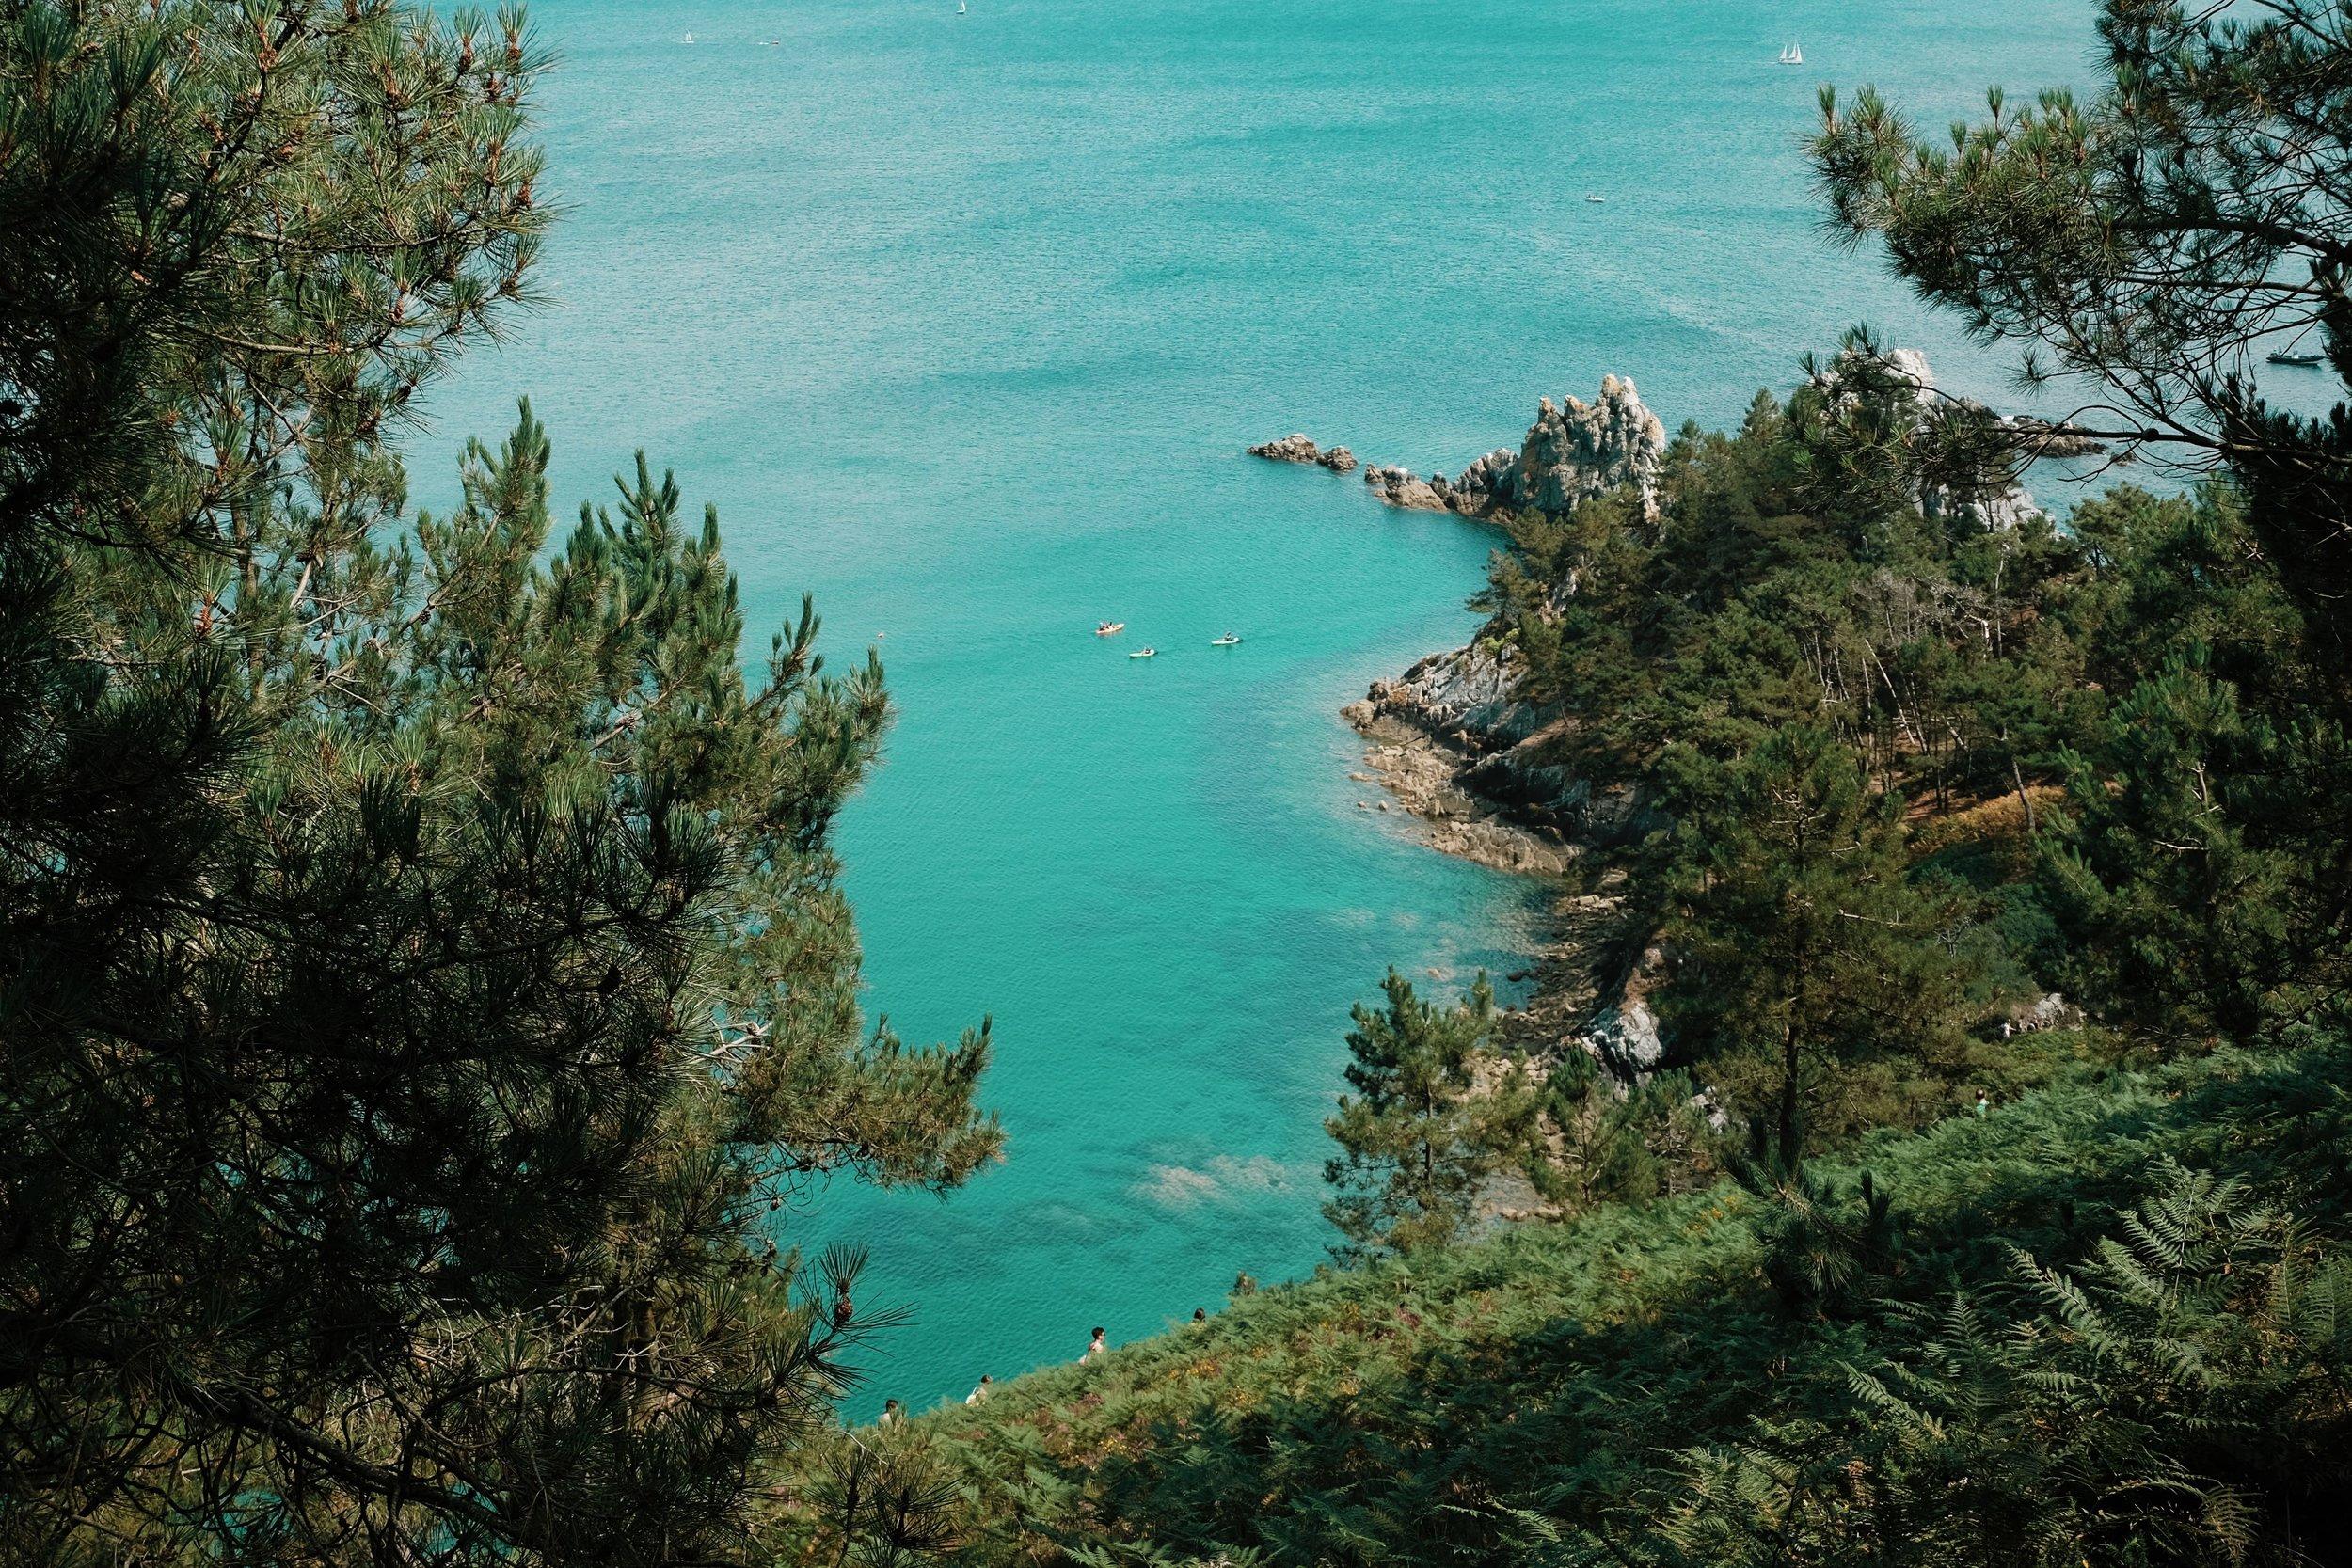 Carnet Sauvage - blog voyage Lille - visiter la Bretagne - presqu'ile de Crozon - plage de l'ile vierge5.JPG